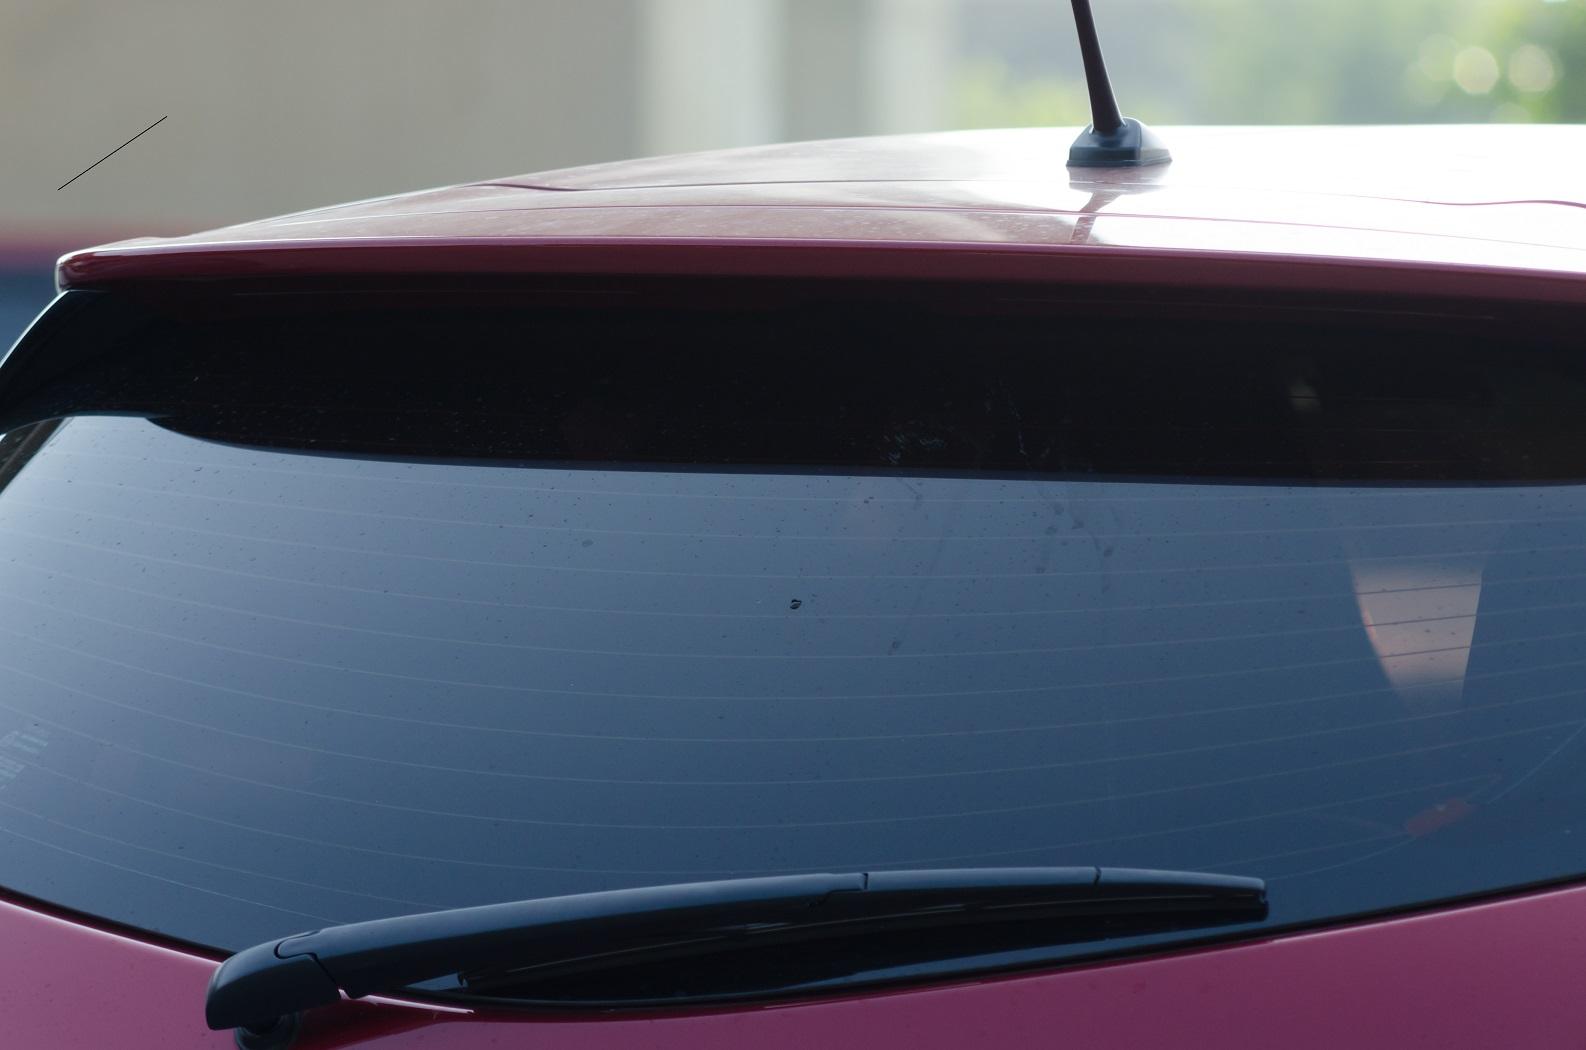 Limpadores traseiros são comuns em veículos com traseiras mais verticais, como hatches, SUVs e peruas